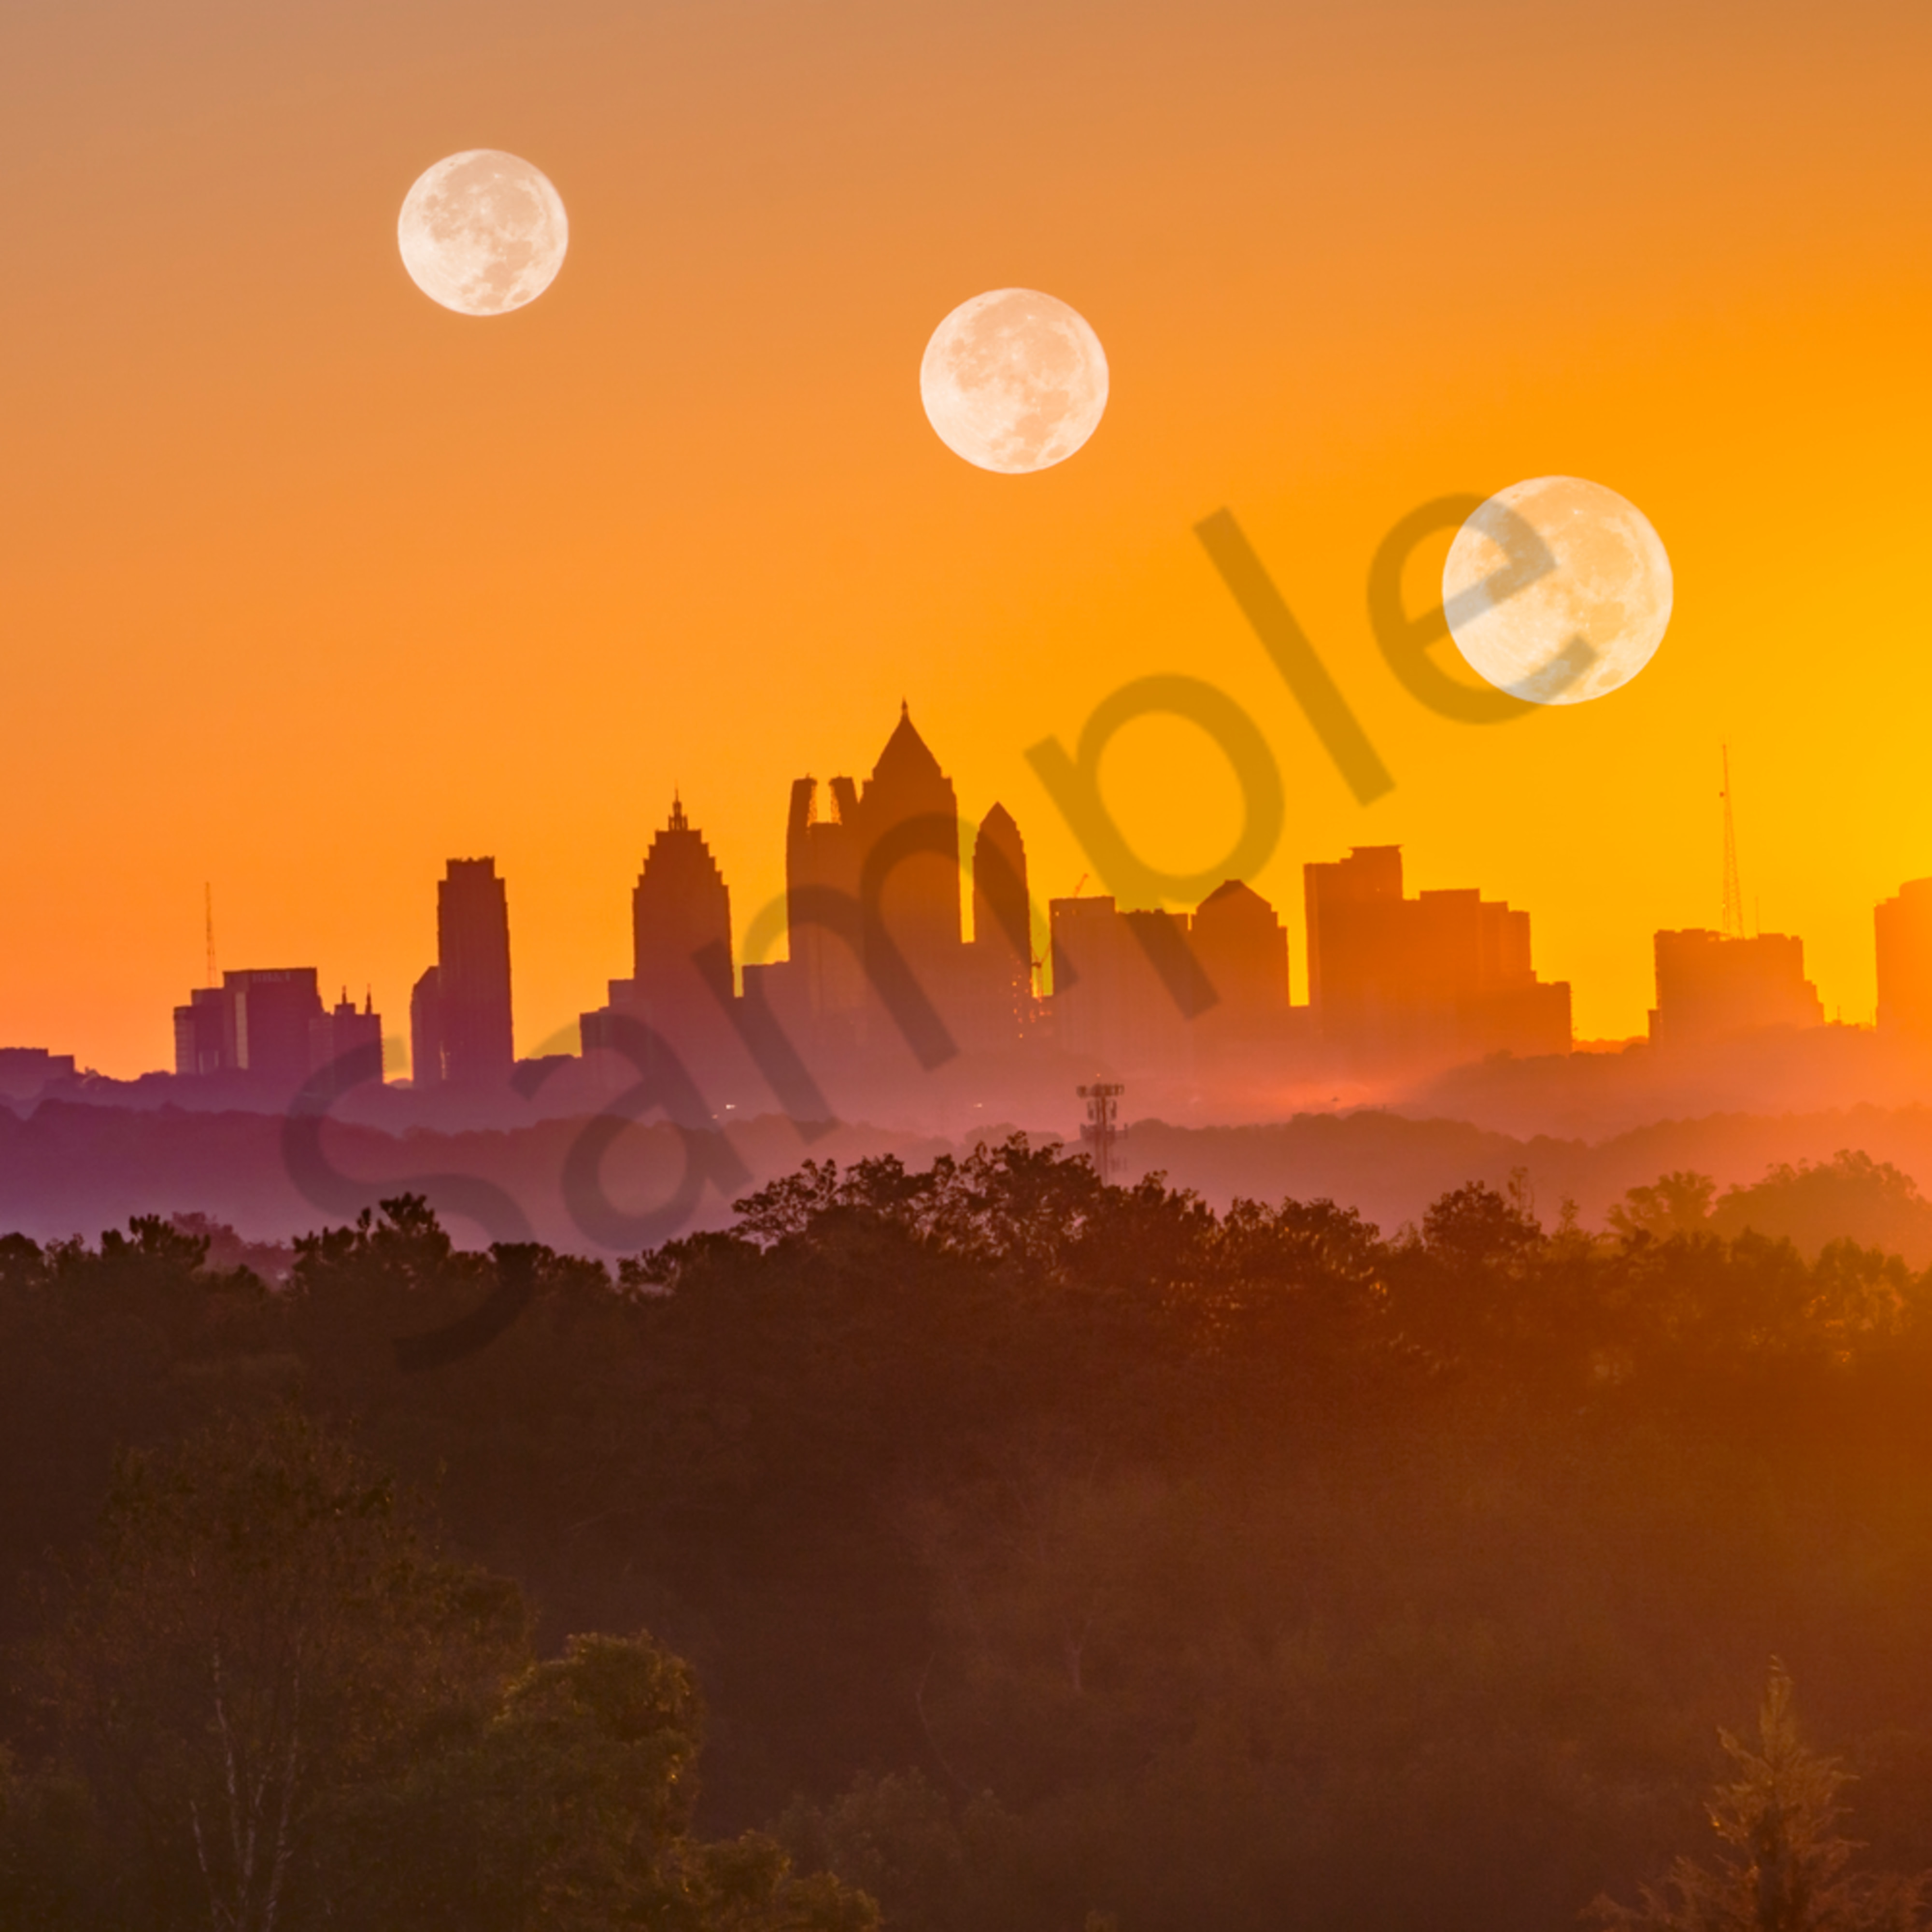 Sunrise moonrise ilmugz